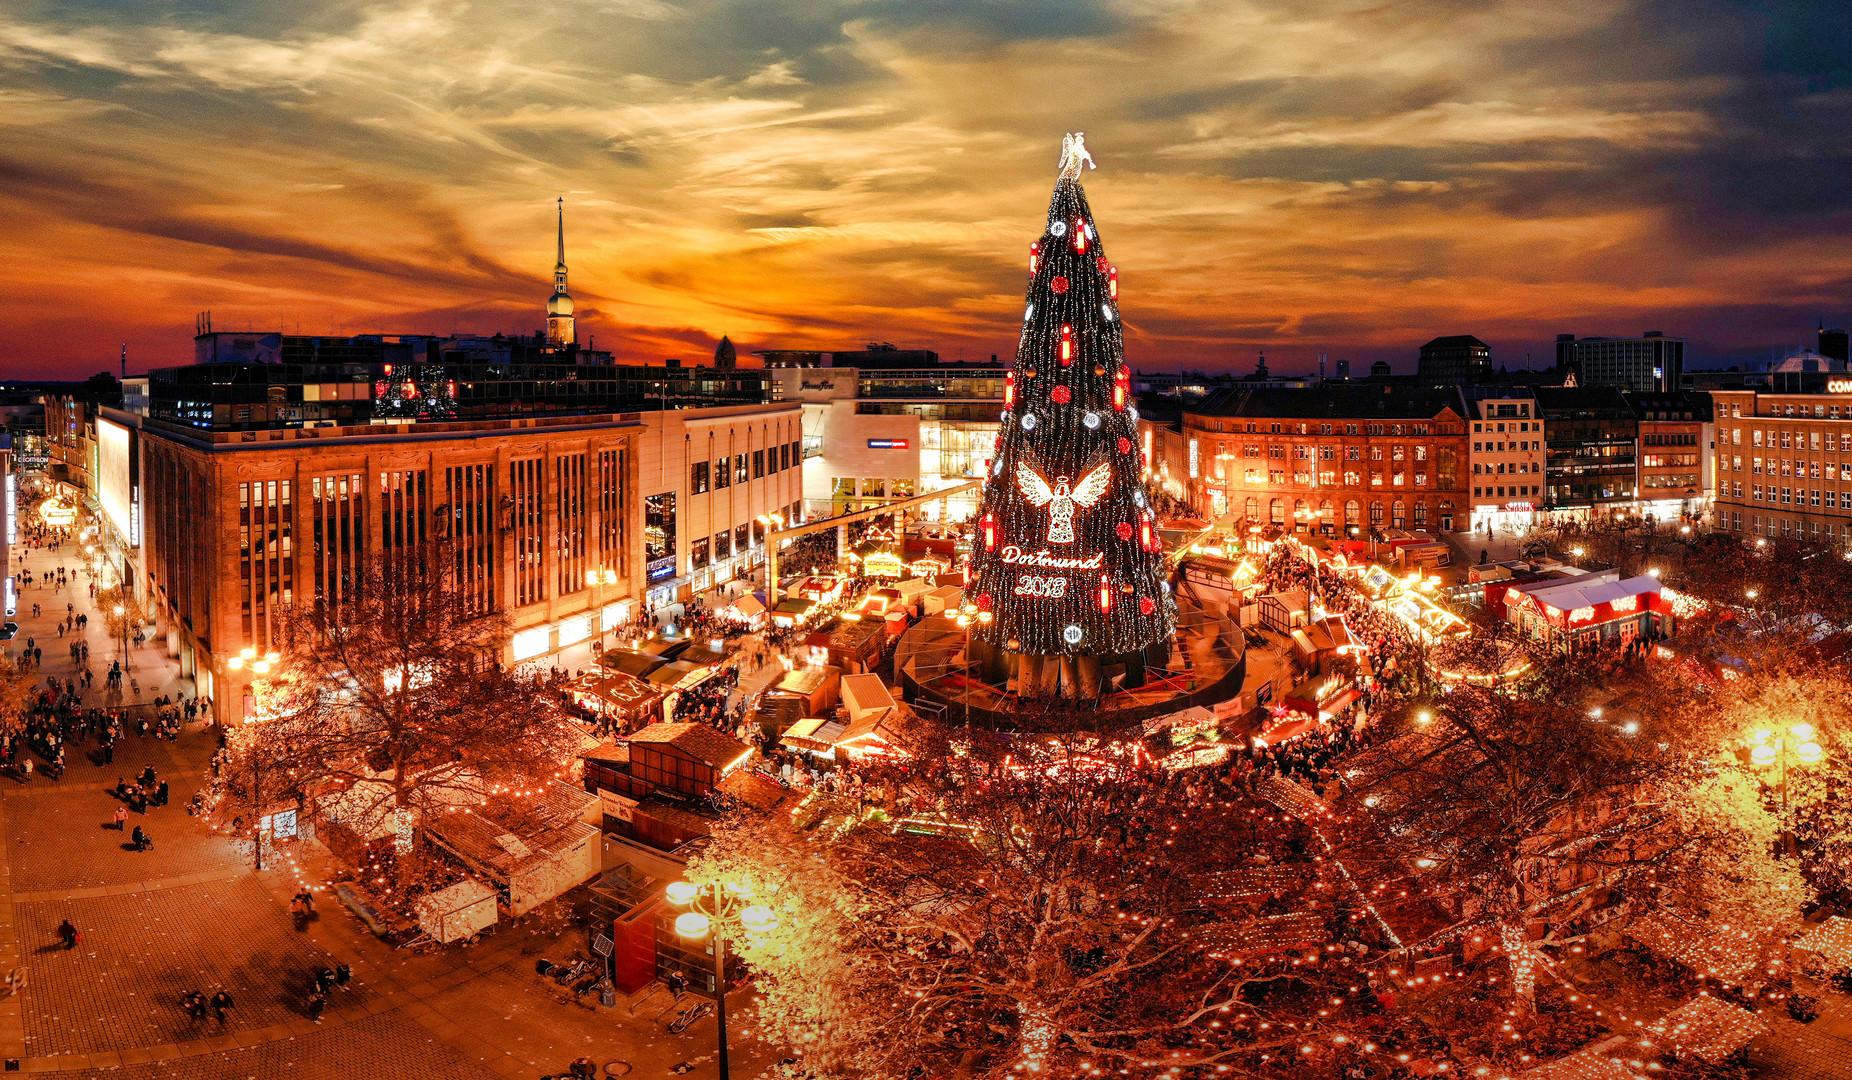 Weihnachtsmarkt Dortmund Bis Wann.Dortmund Weihnachtsmarkt 2018 45x30 Foto Bild Deutschland